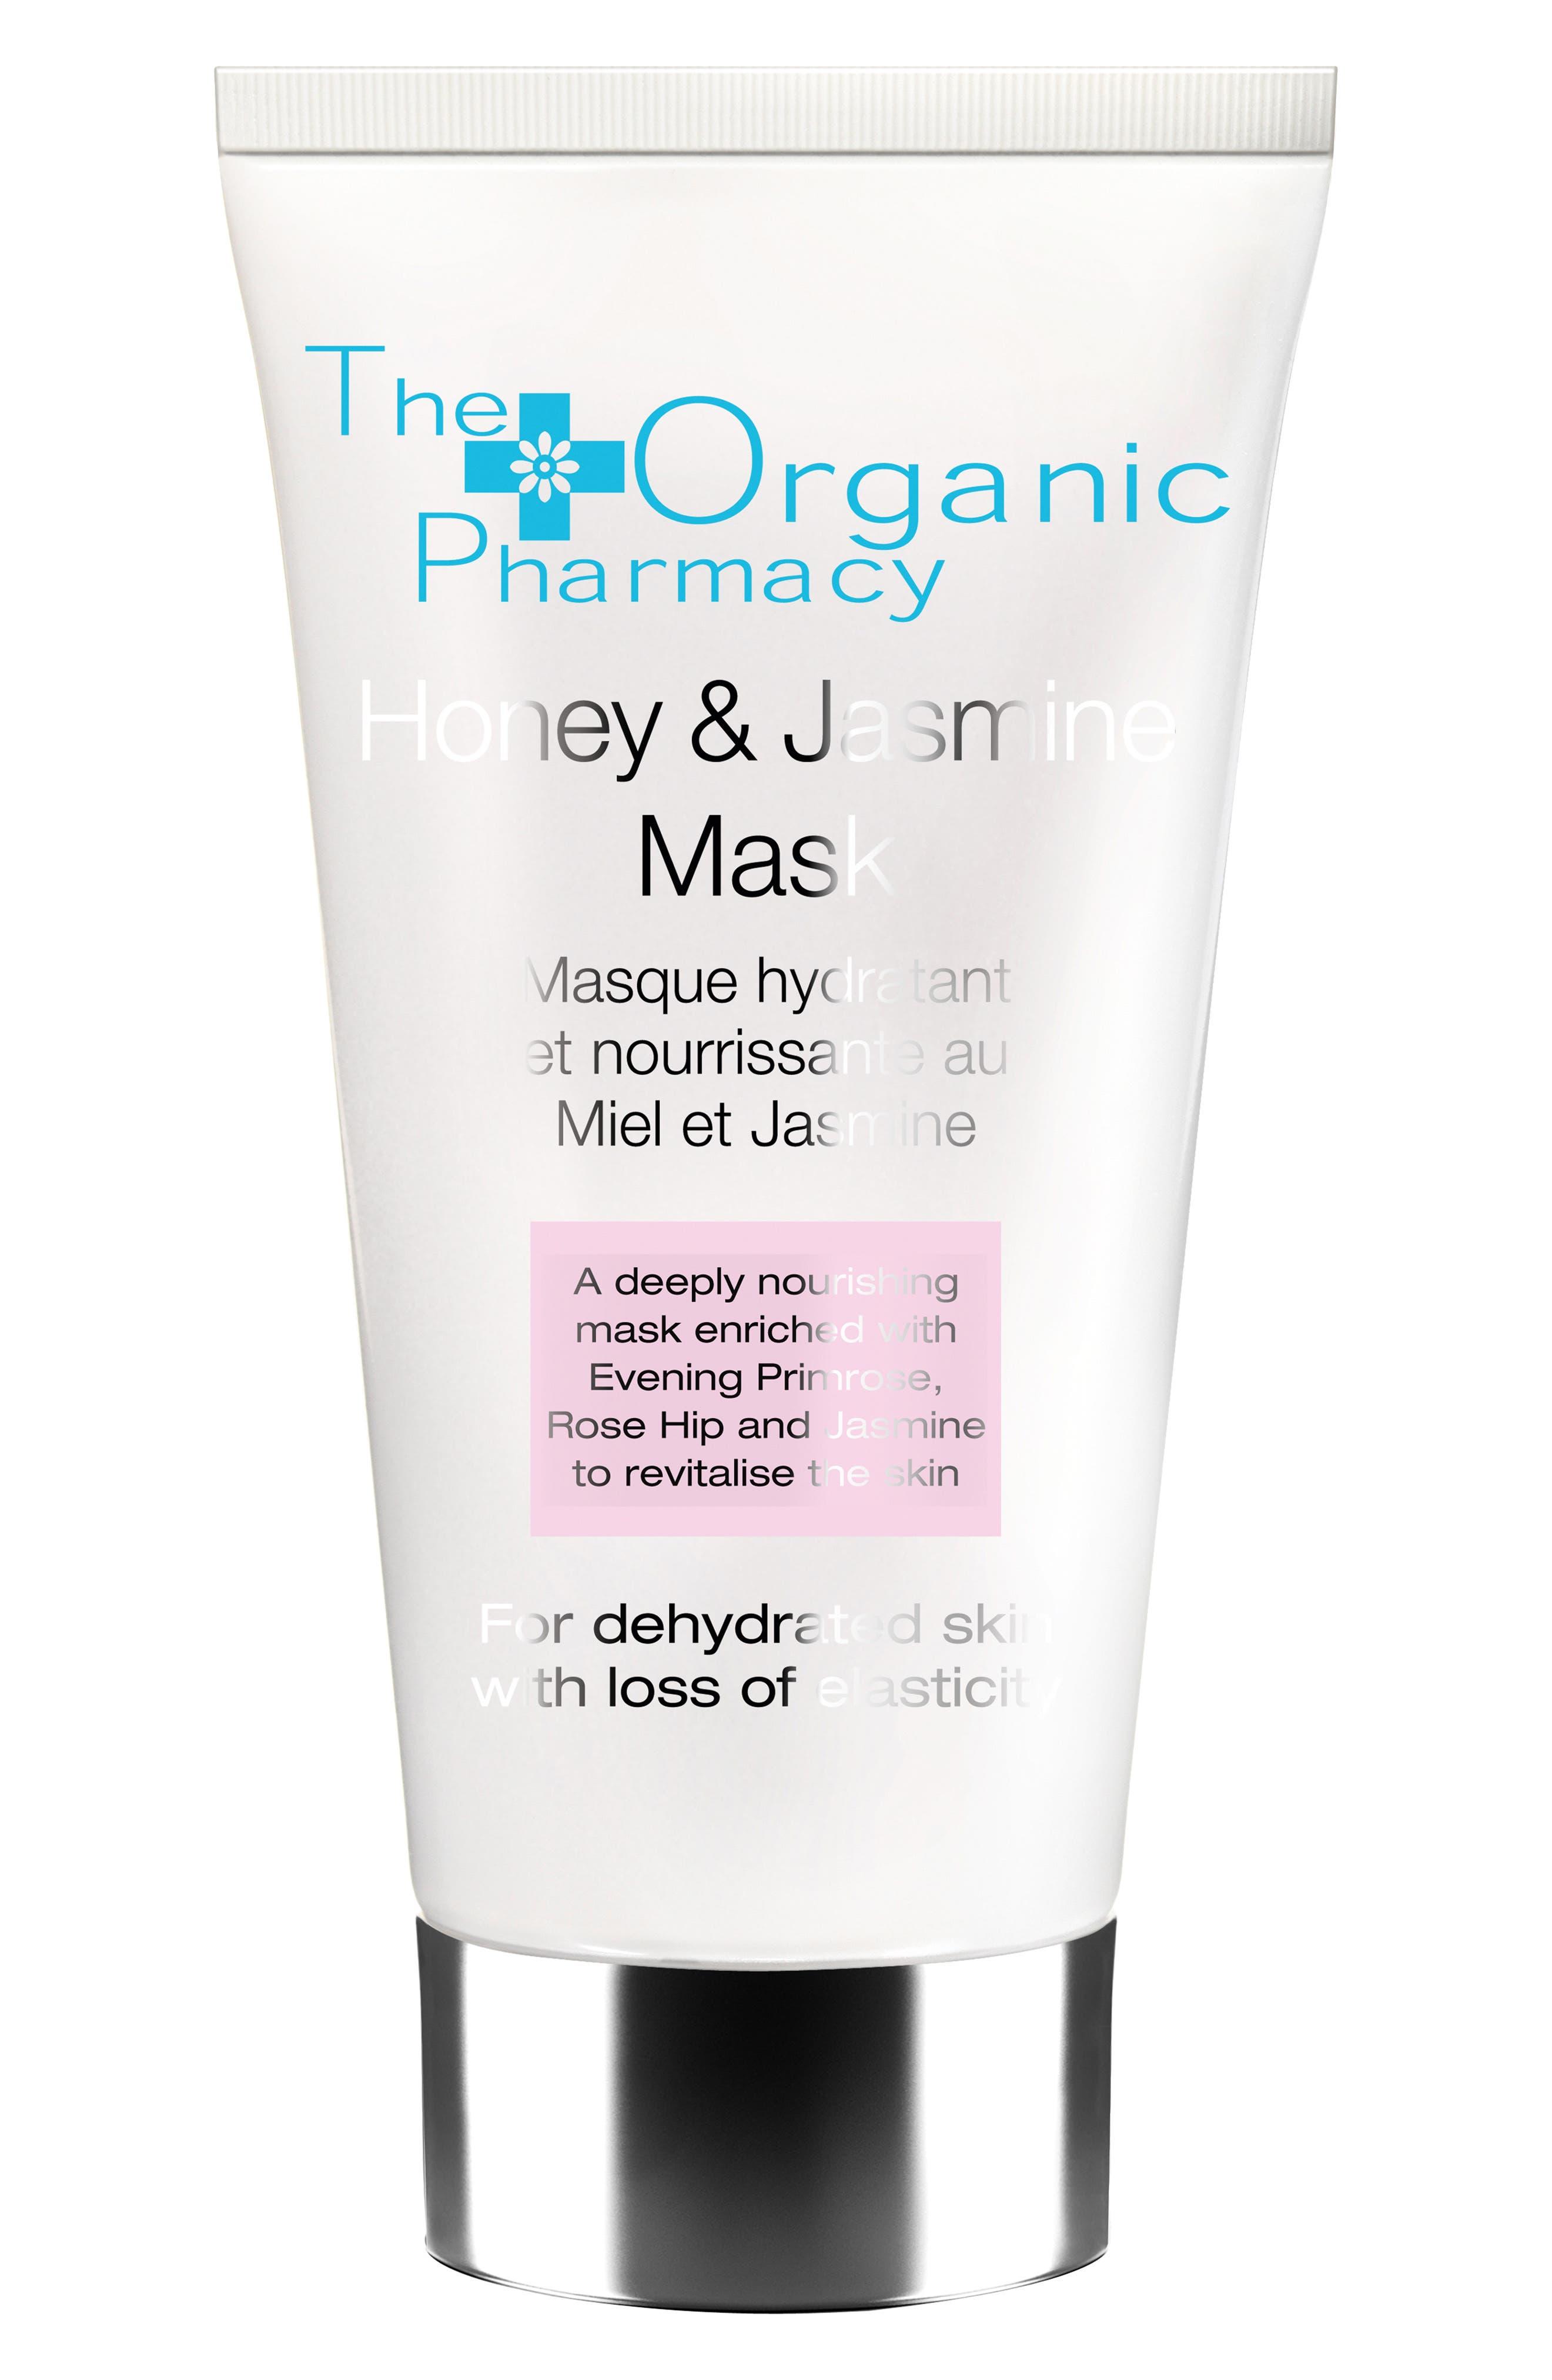 Alternate Image 1 Selected - The Organic Pharmacy Honey & Jasmine Mask